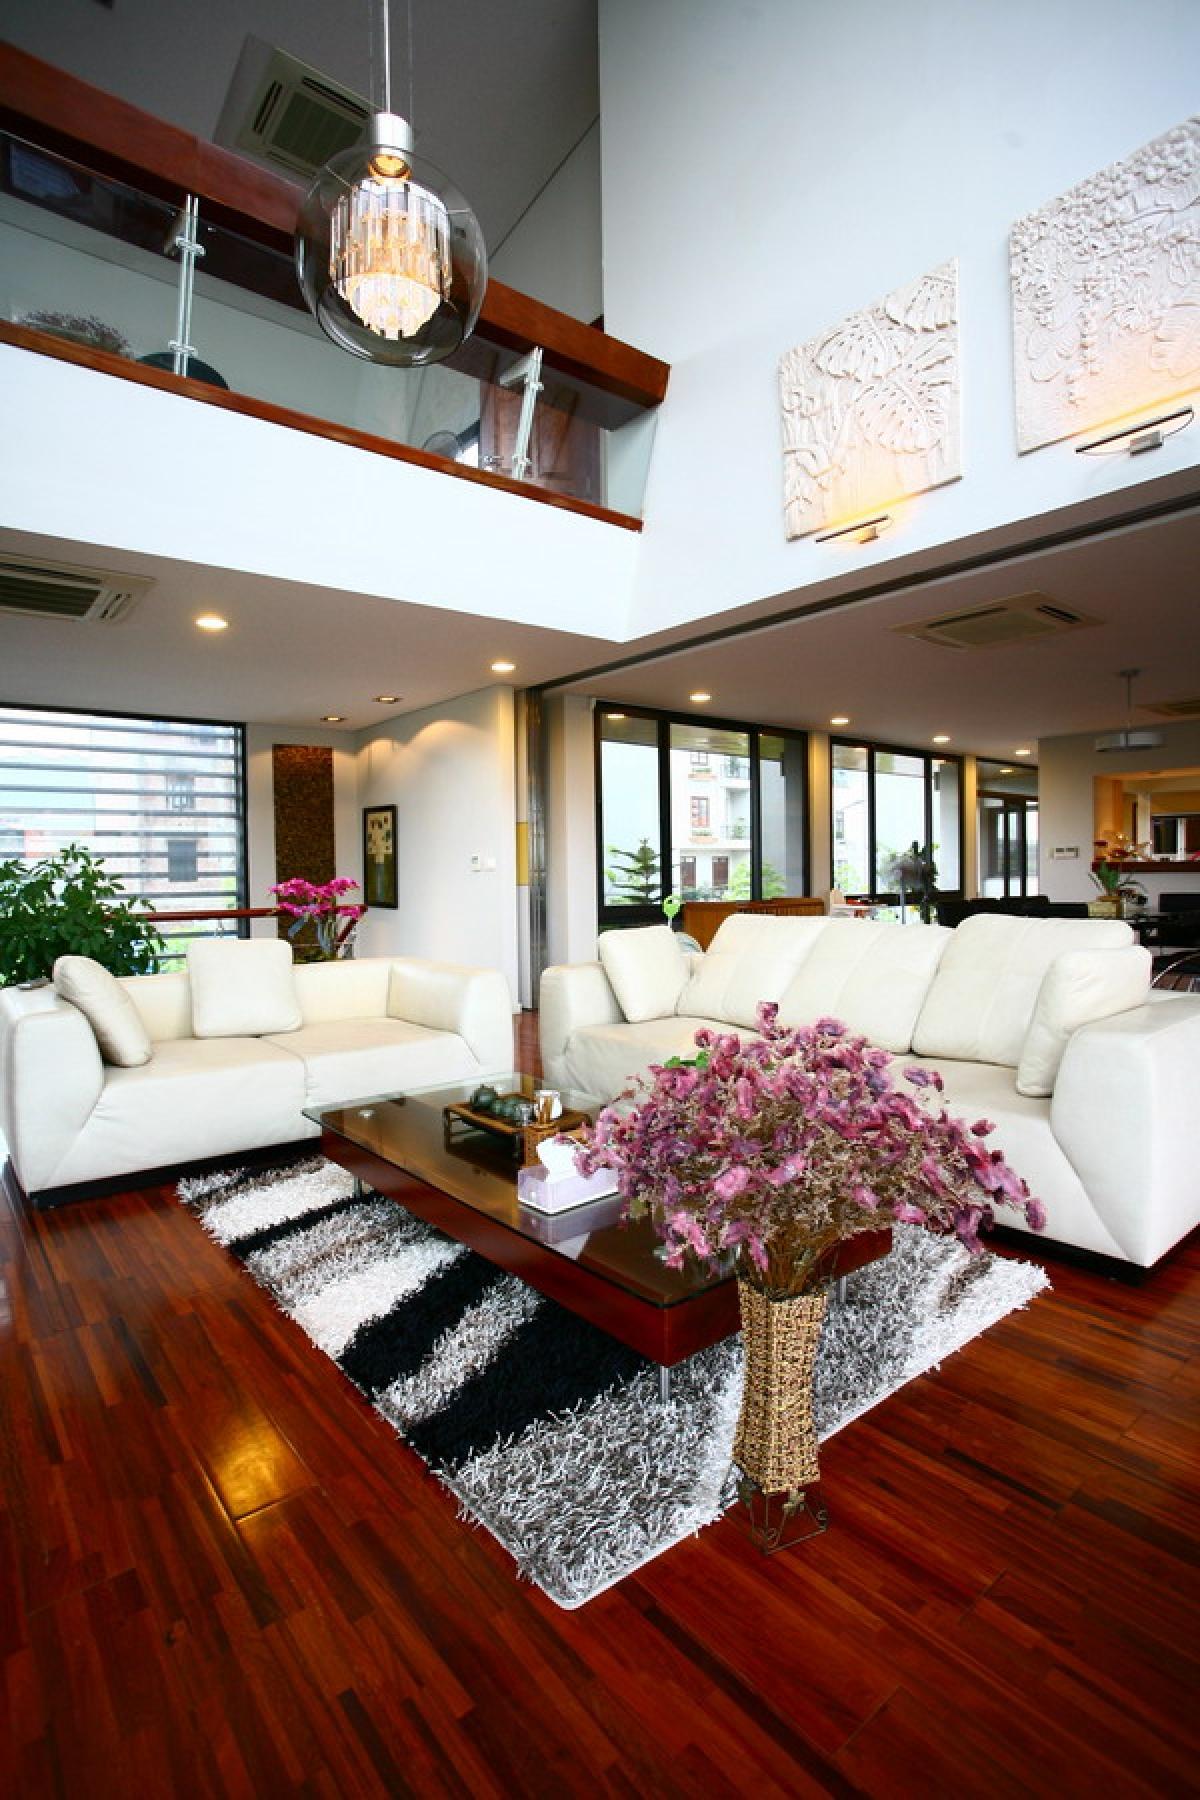 Những điều gia chủ lưu ý khi thiết kế phòng khách - Ảnh 1